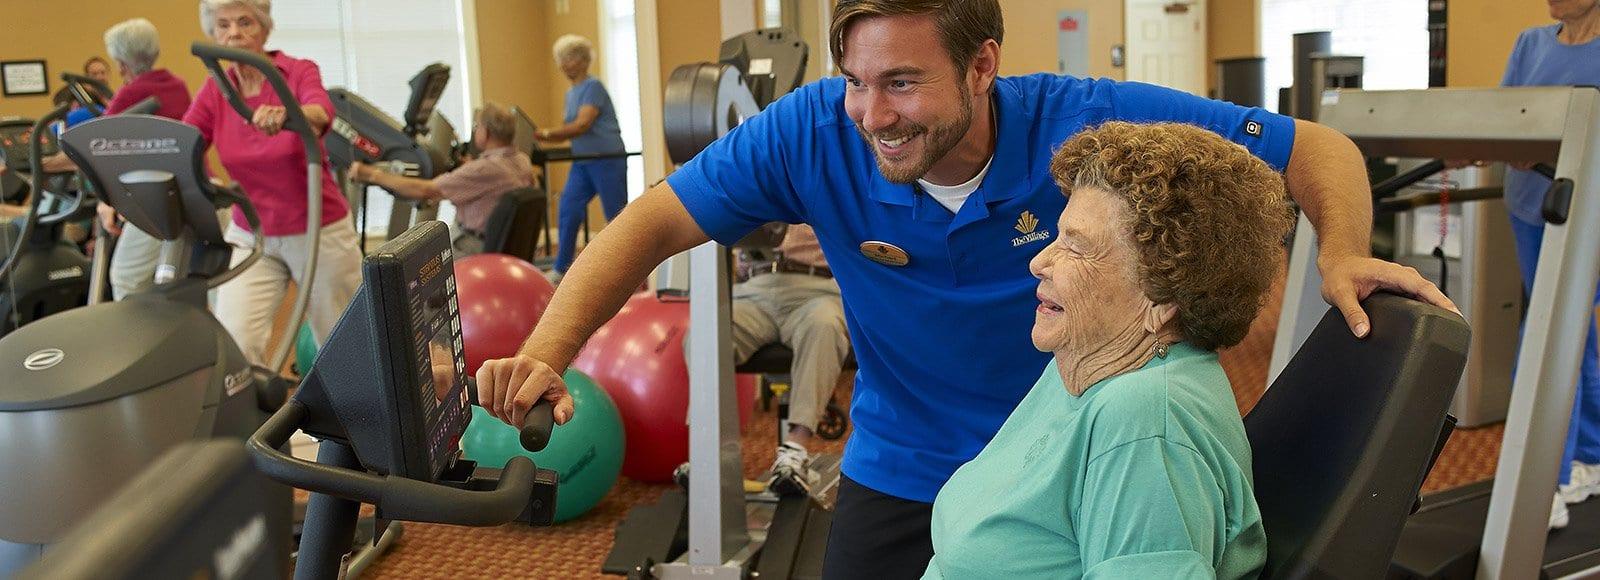 Senior women exercising in fitness center.